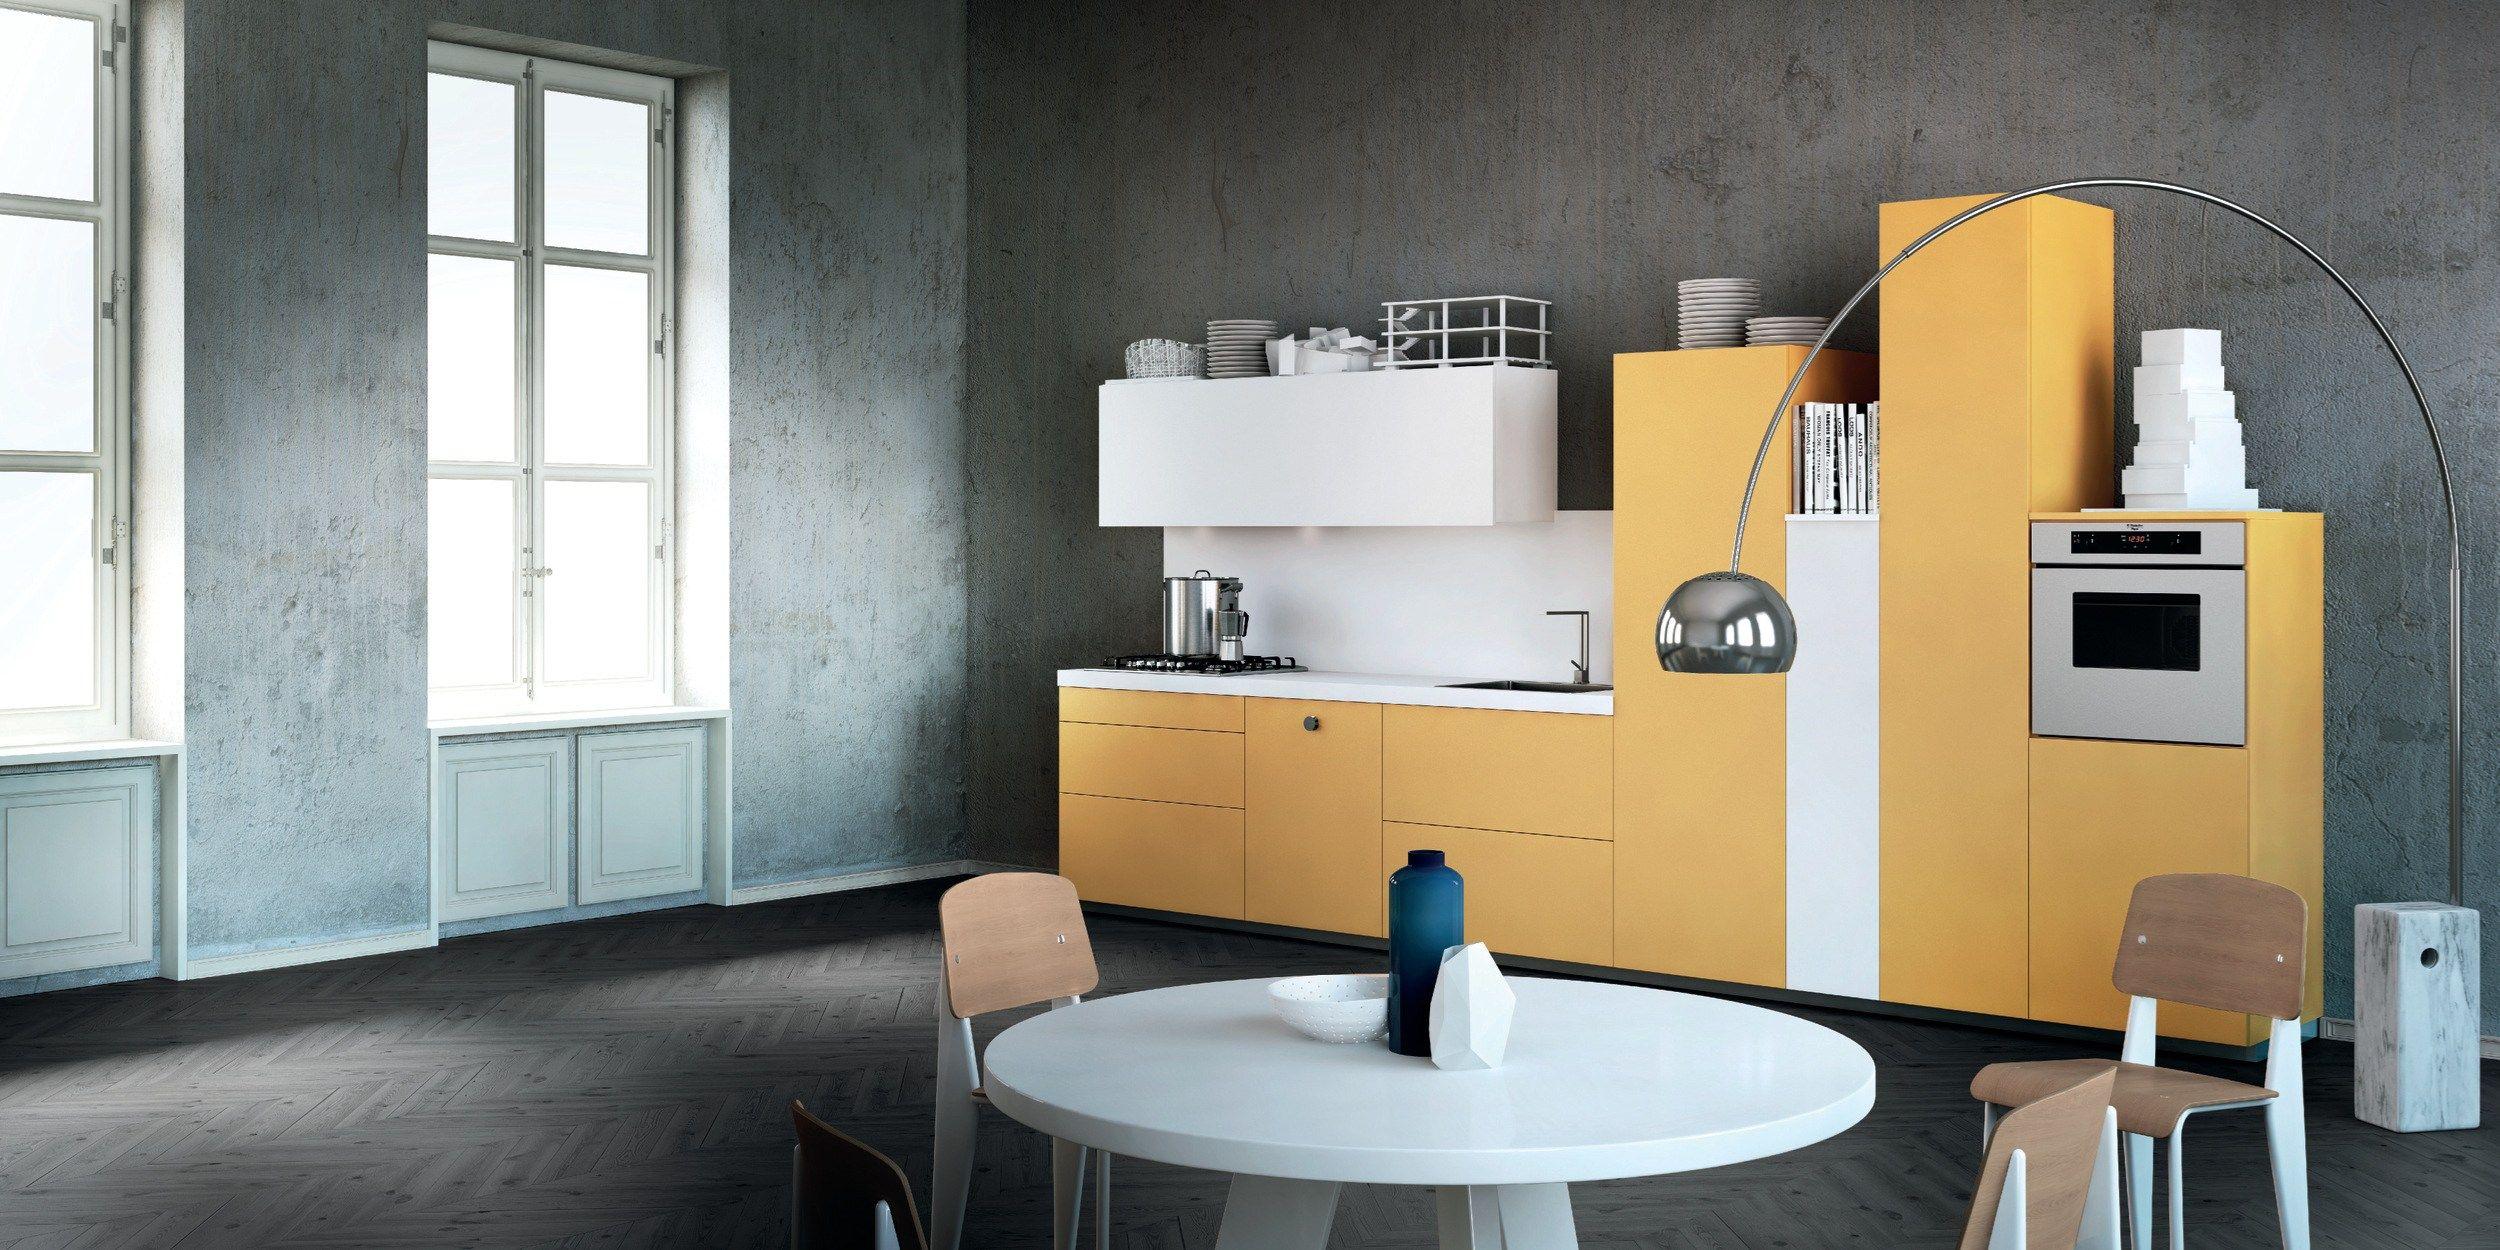 Cucina componibile milano by del tongo design prospero rasulo - Cucine a parete ...